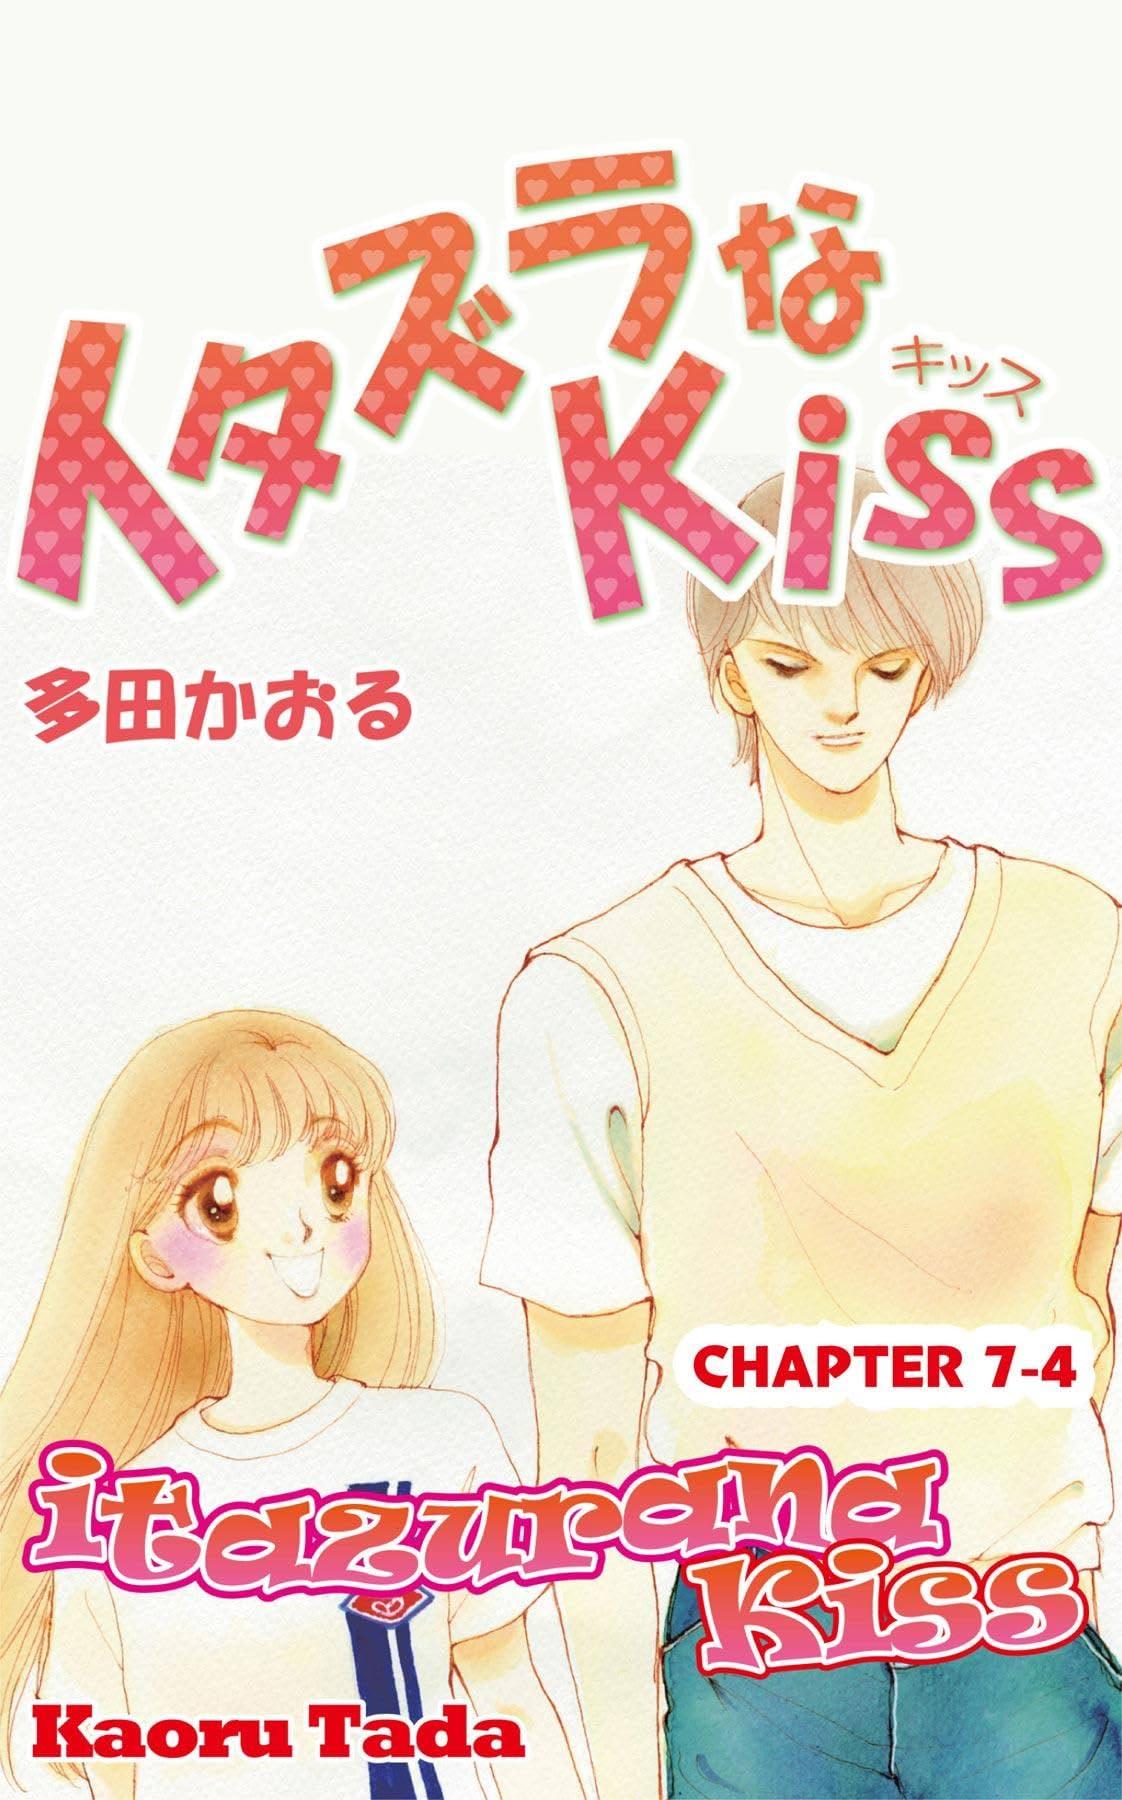 itazurana Kiss #27